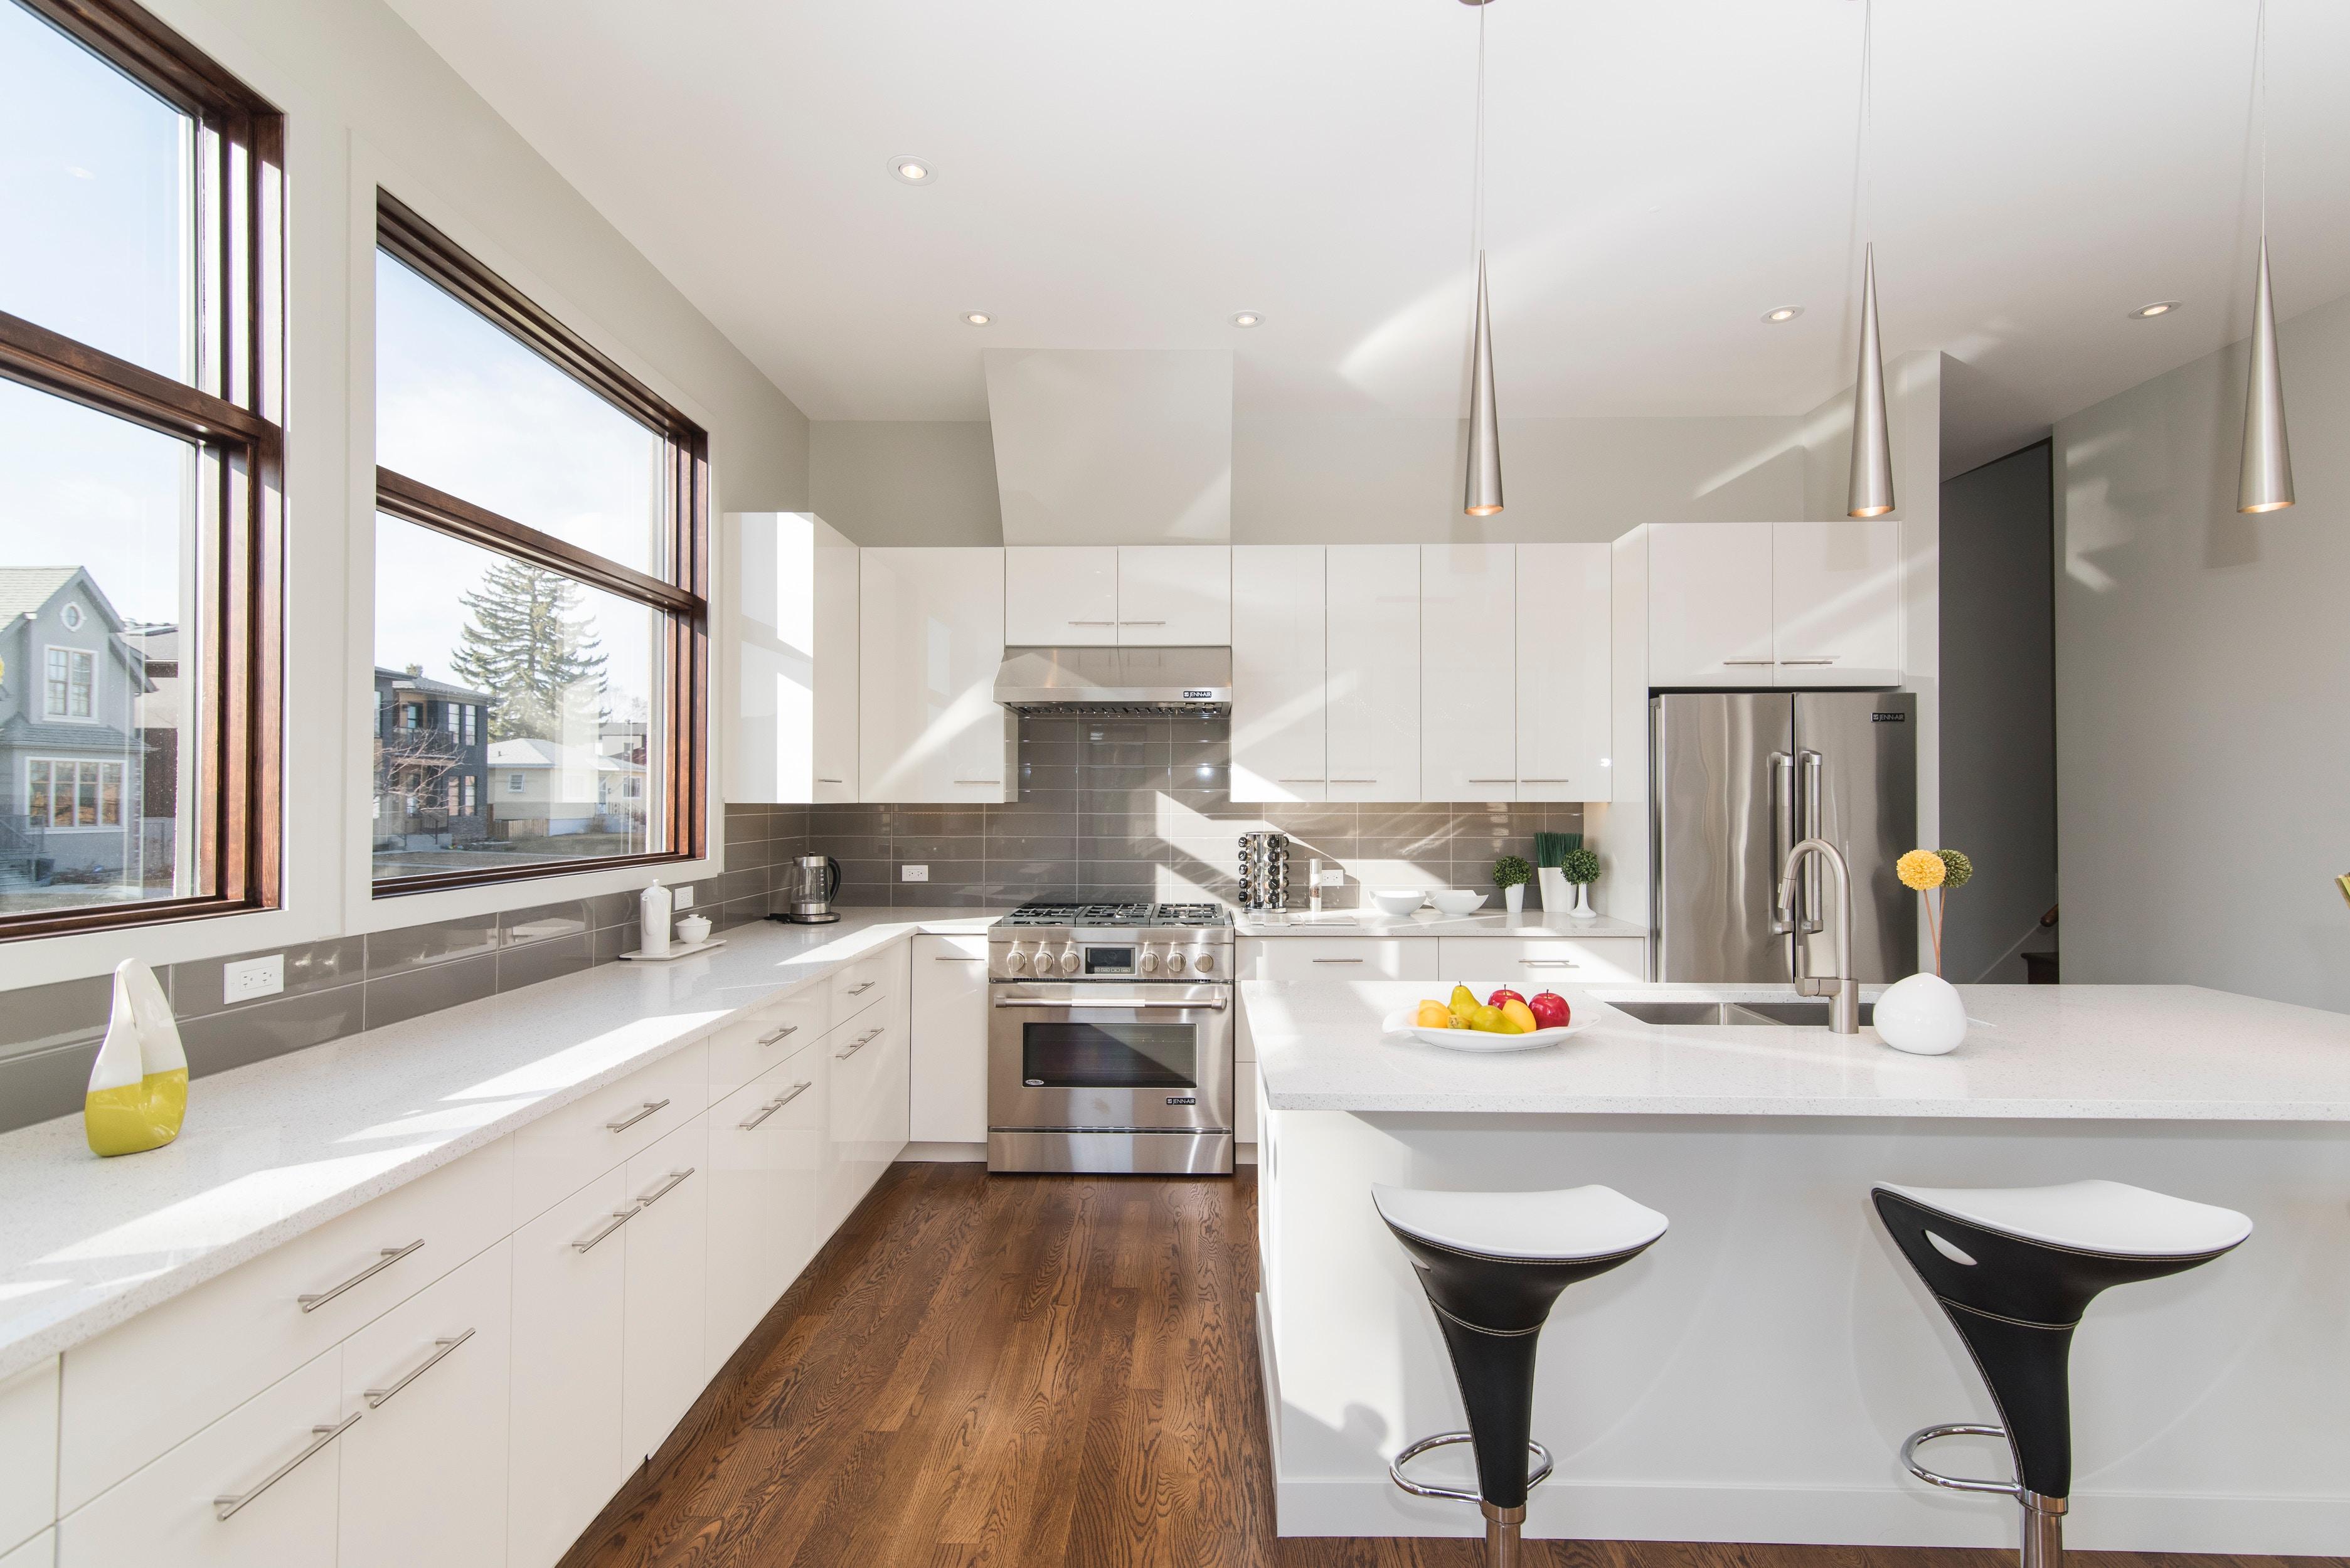 Mejorar la decoración de la cocina con estores enrollables